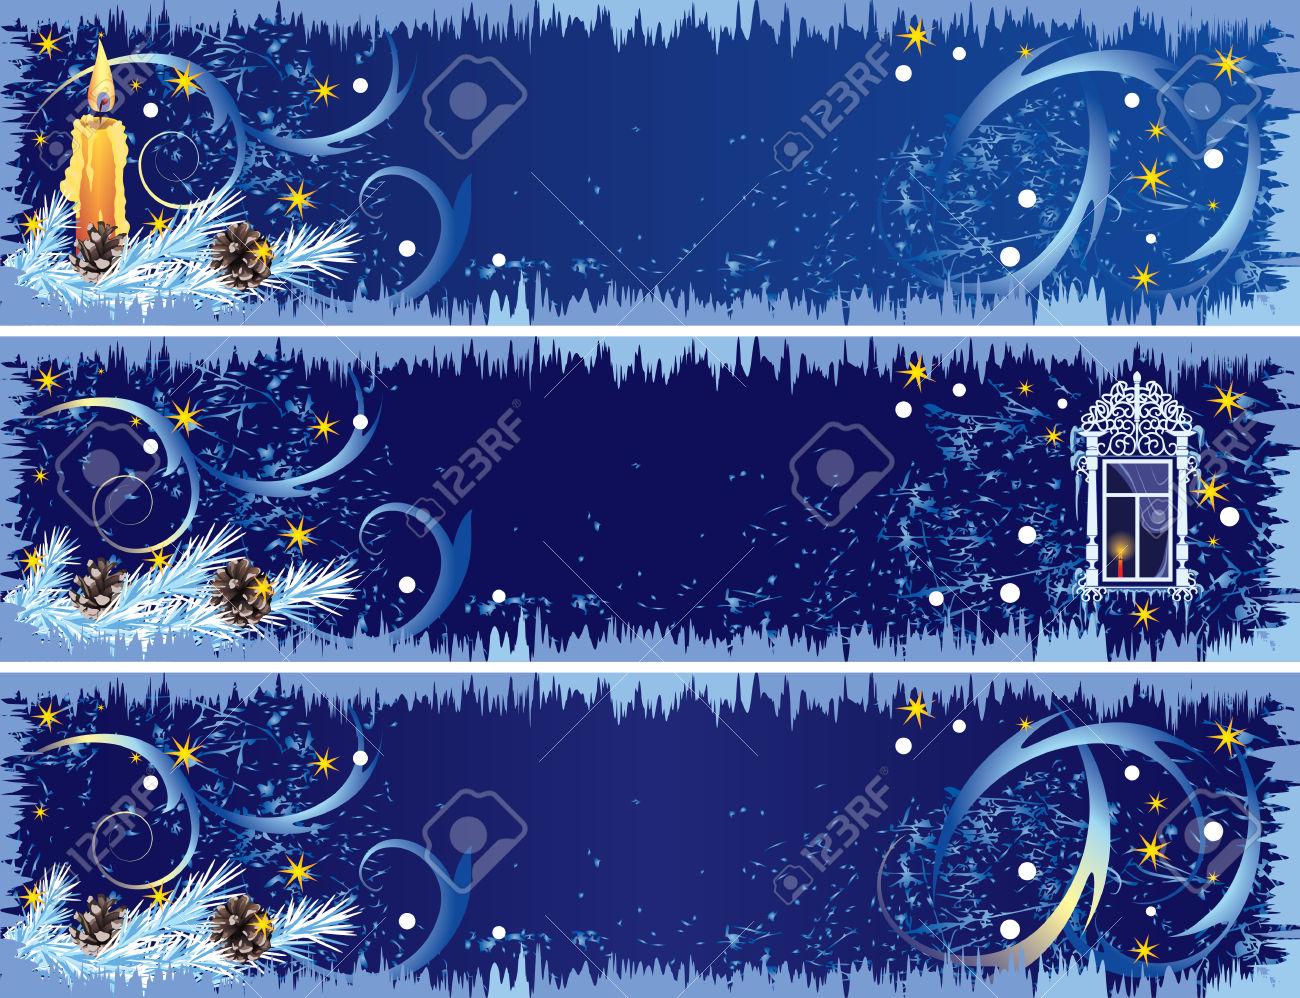 Новогодняя открытка панорама